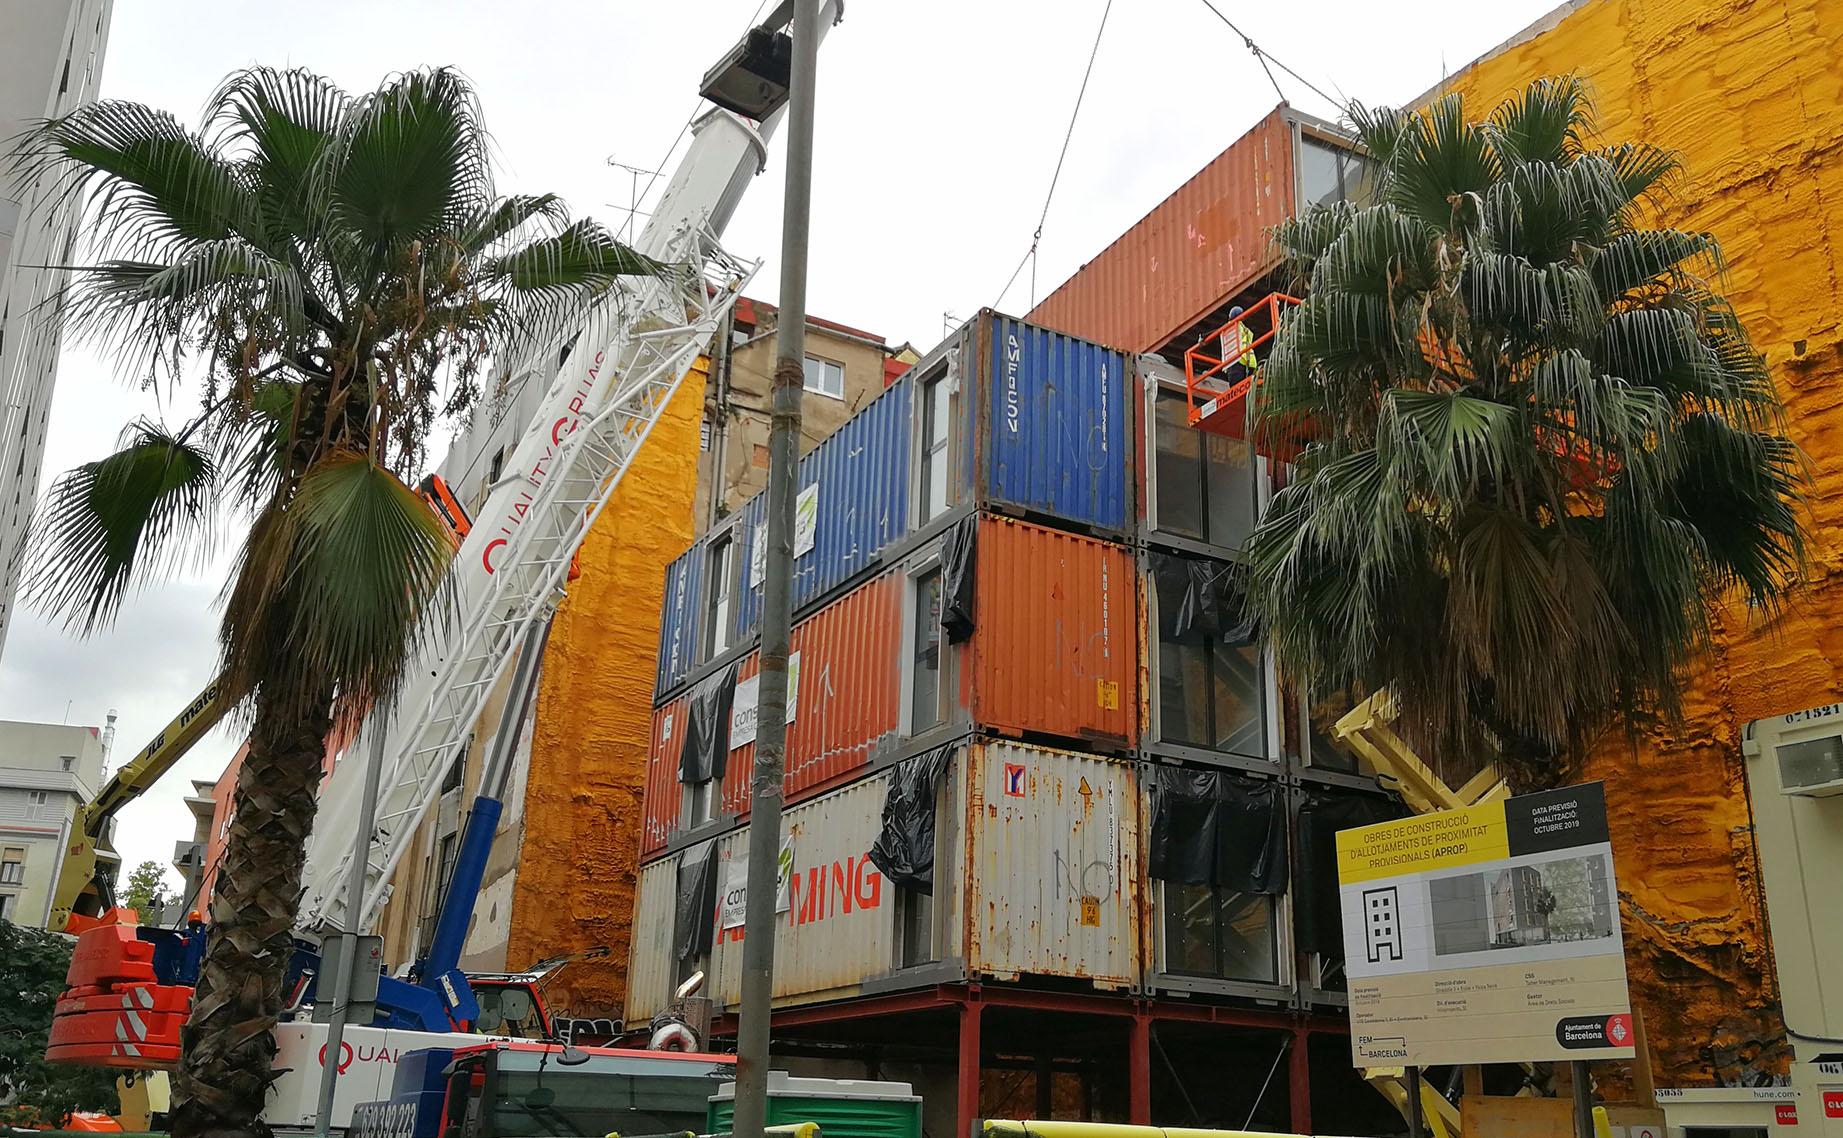 APROP czyli mieszkania – kontenery w Ciutat Vella, Barcelona